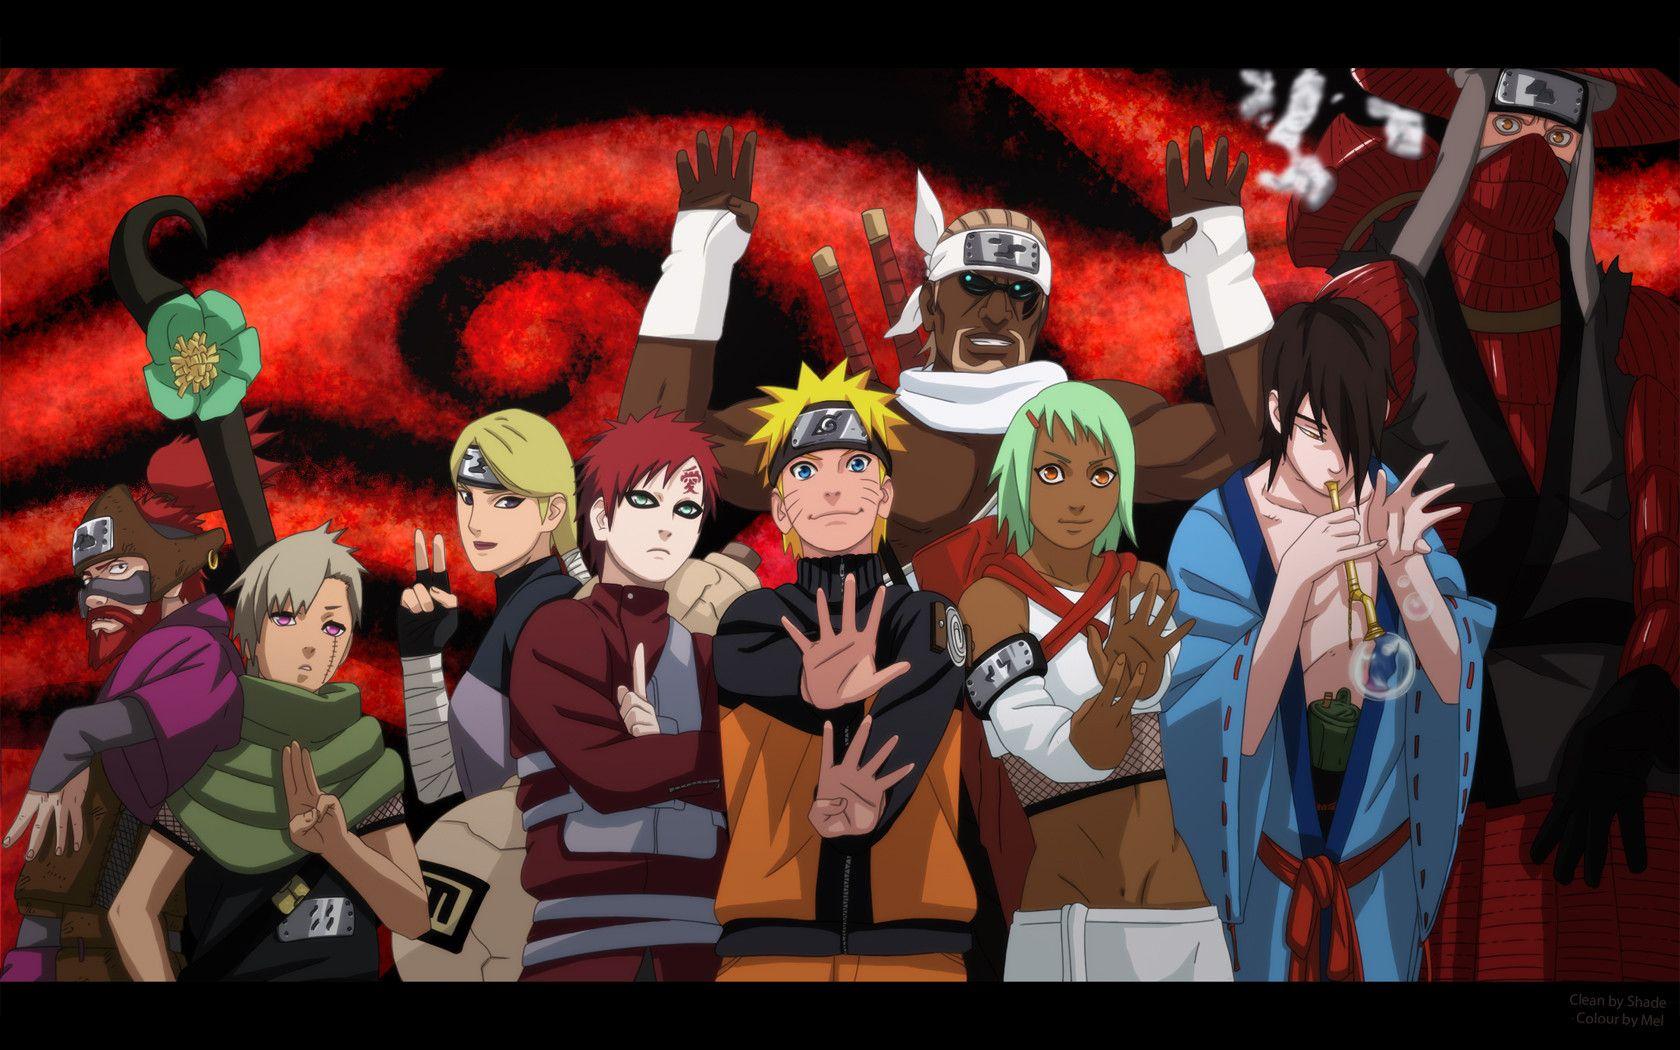 Top Wallpaper Naruto Shippuden - 738472ef85b1040ee69dae71a37bcd3e  Graphic.jpg